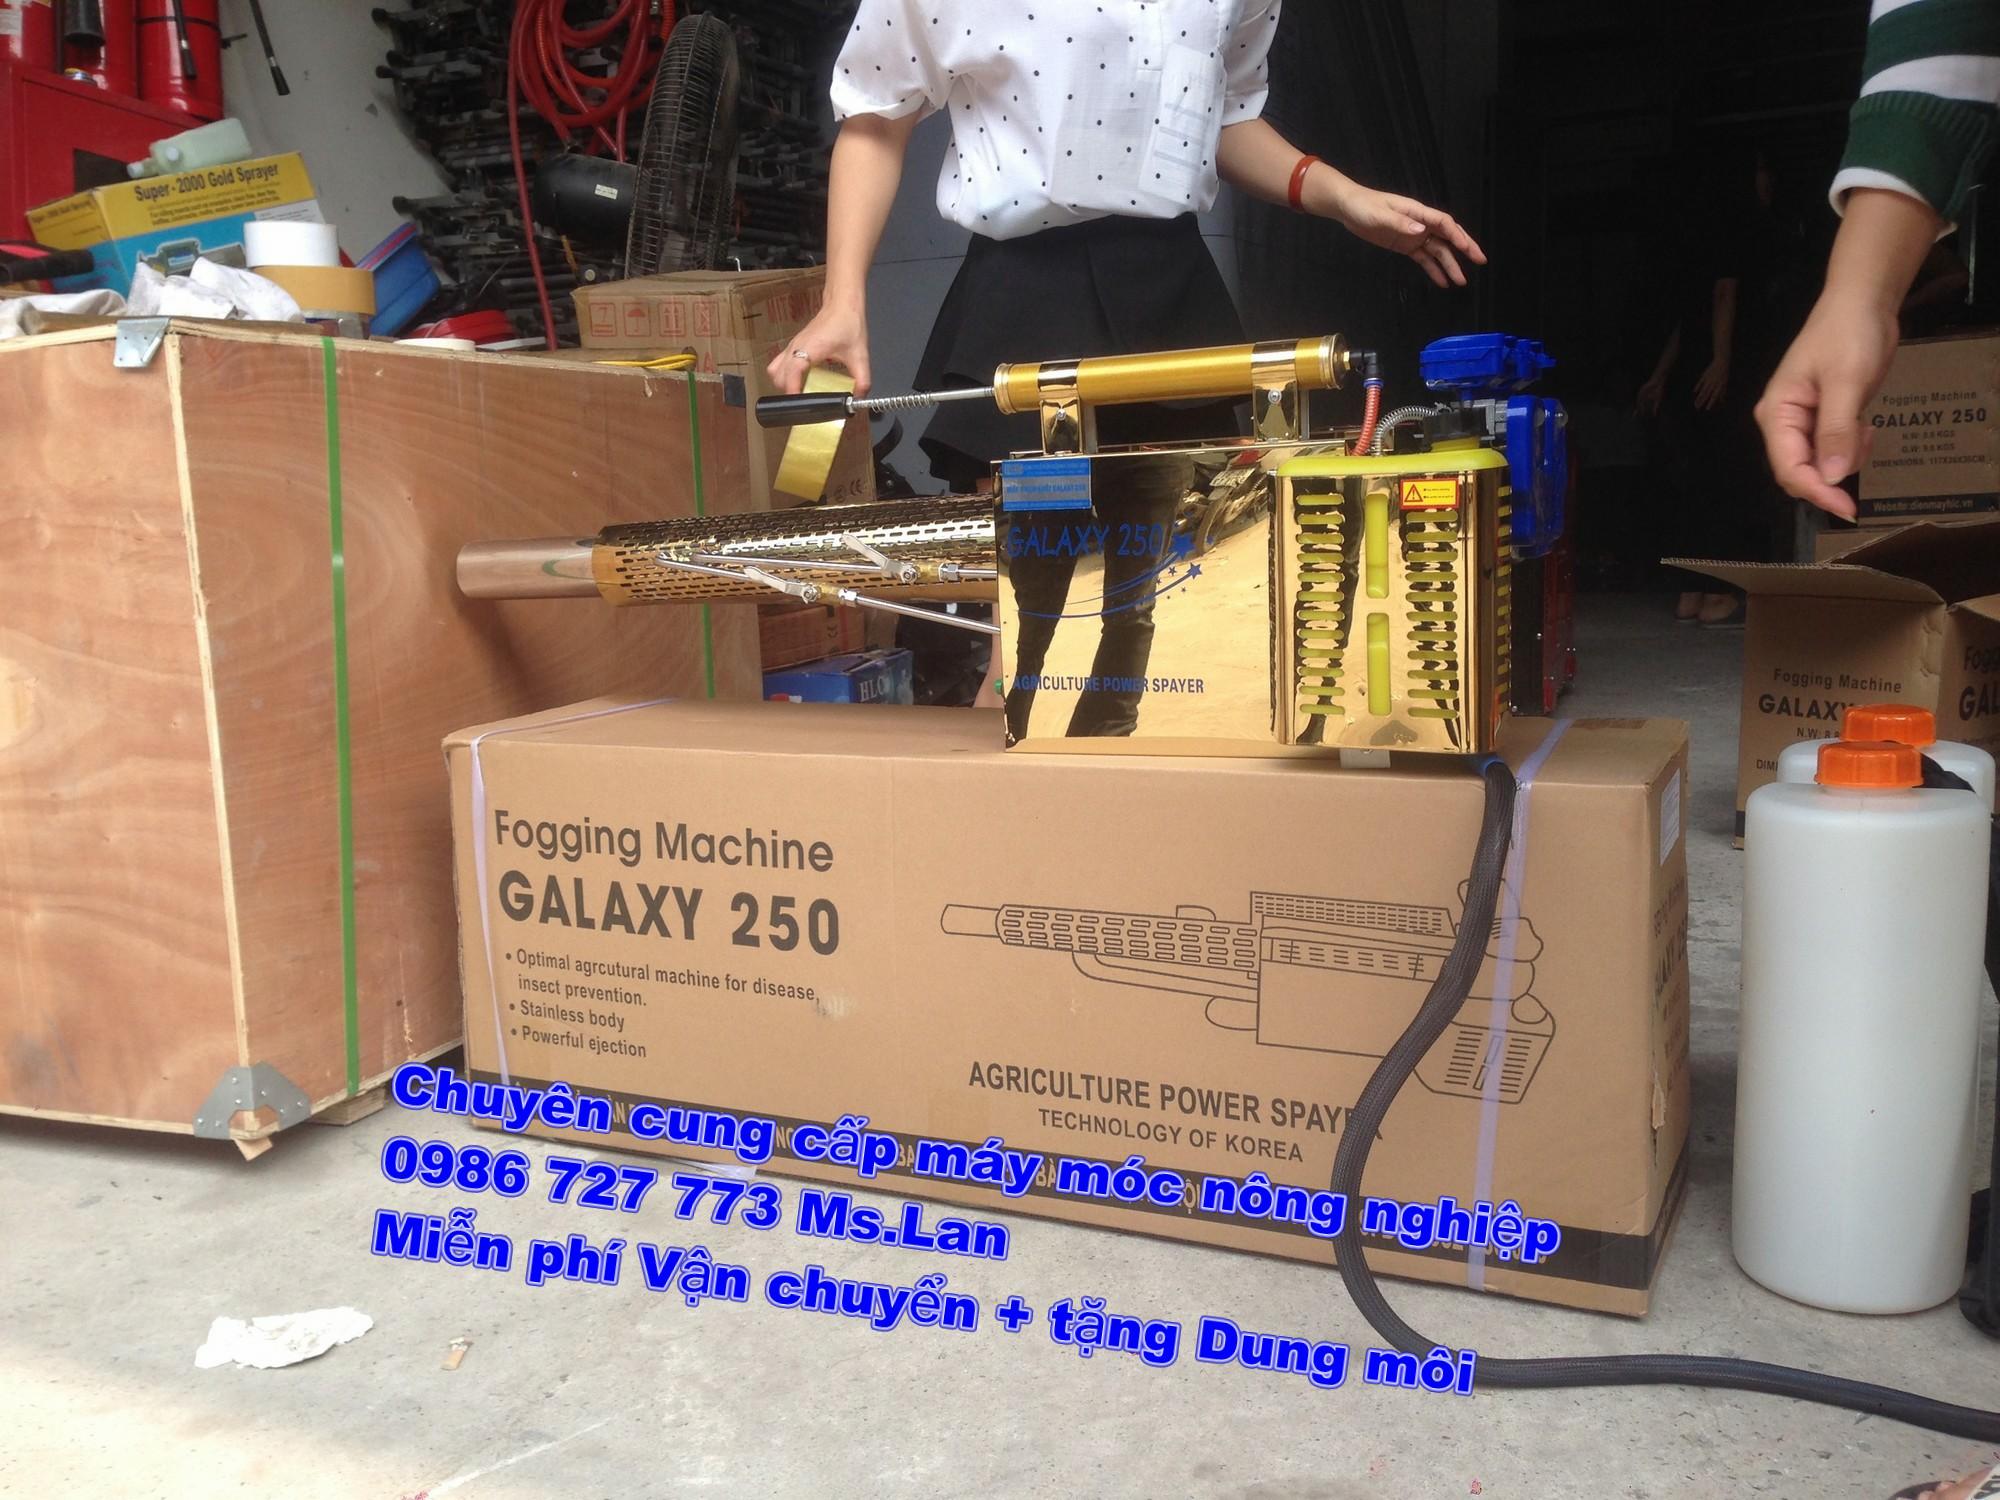 www.kenhraovat.com: Địa chỉ bán máy phun khói Galaxy 250 chính hãng Hàn Quốc